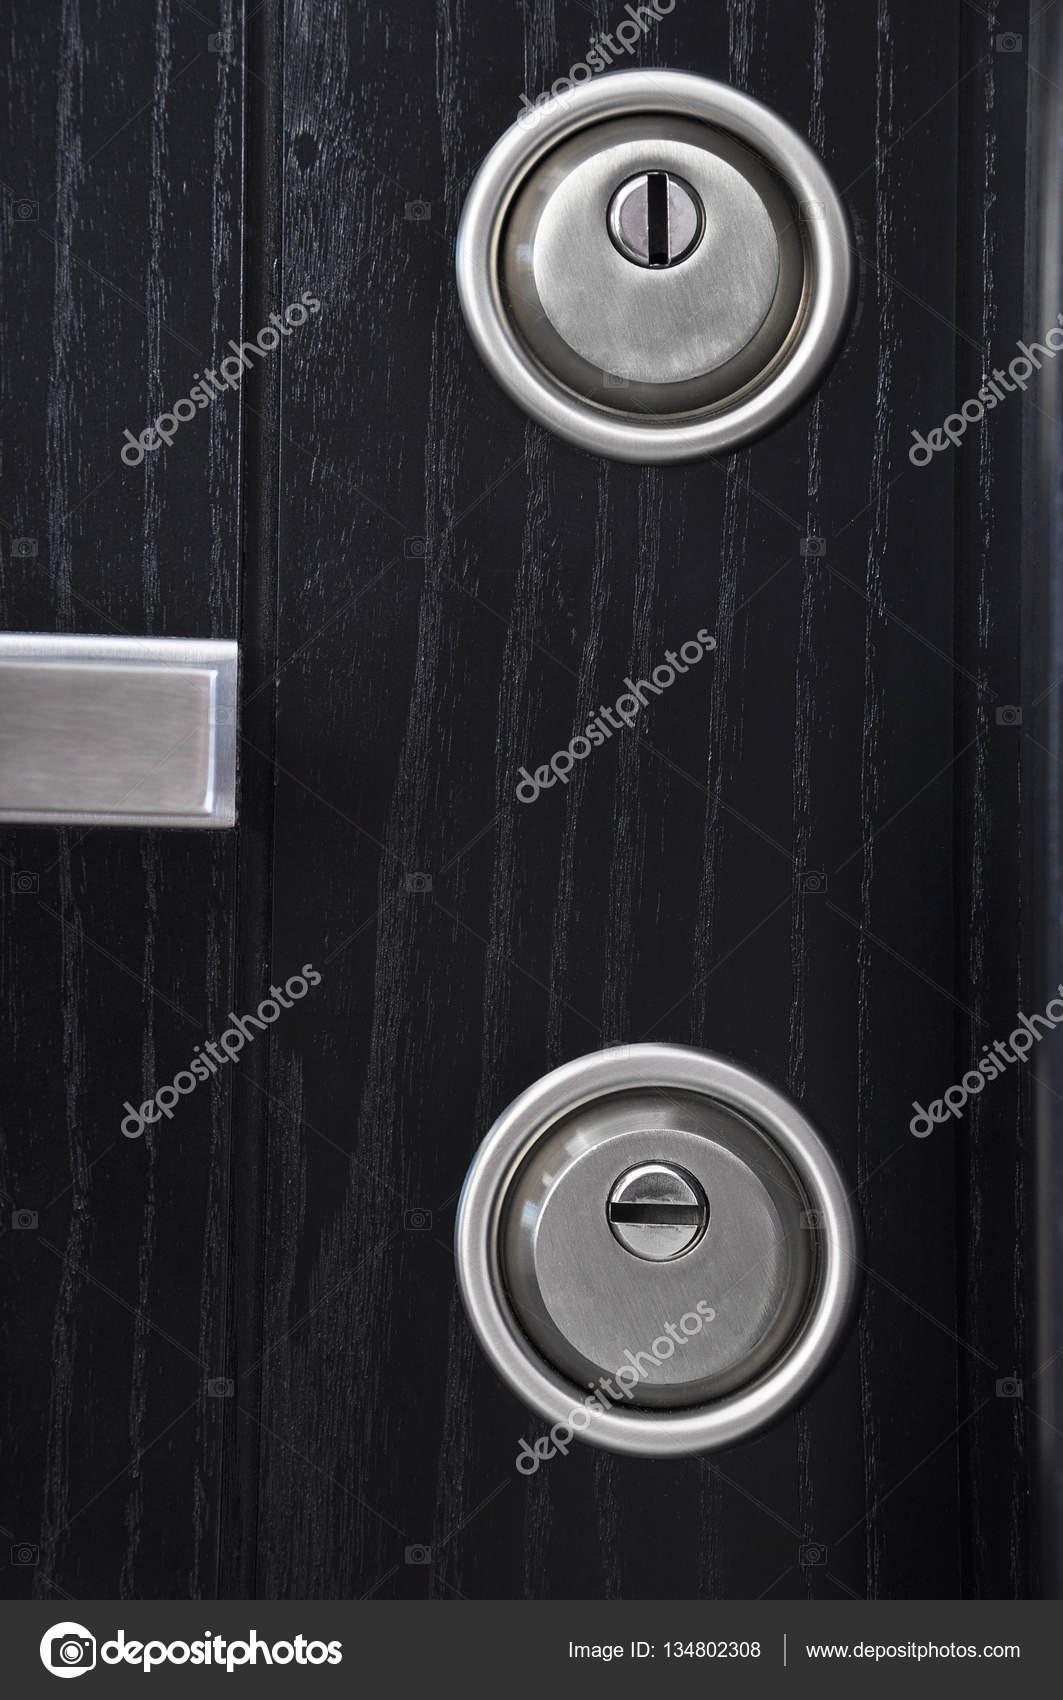 modern front door handles. Modern Front Door Keyhole \u2014 Stock Photo Handles